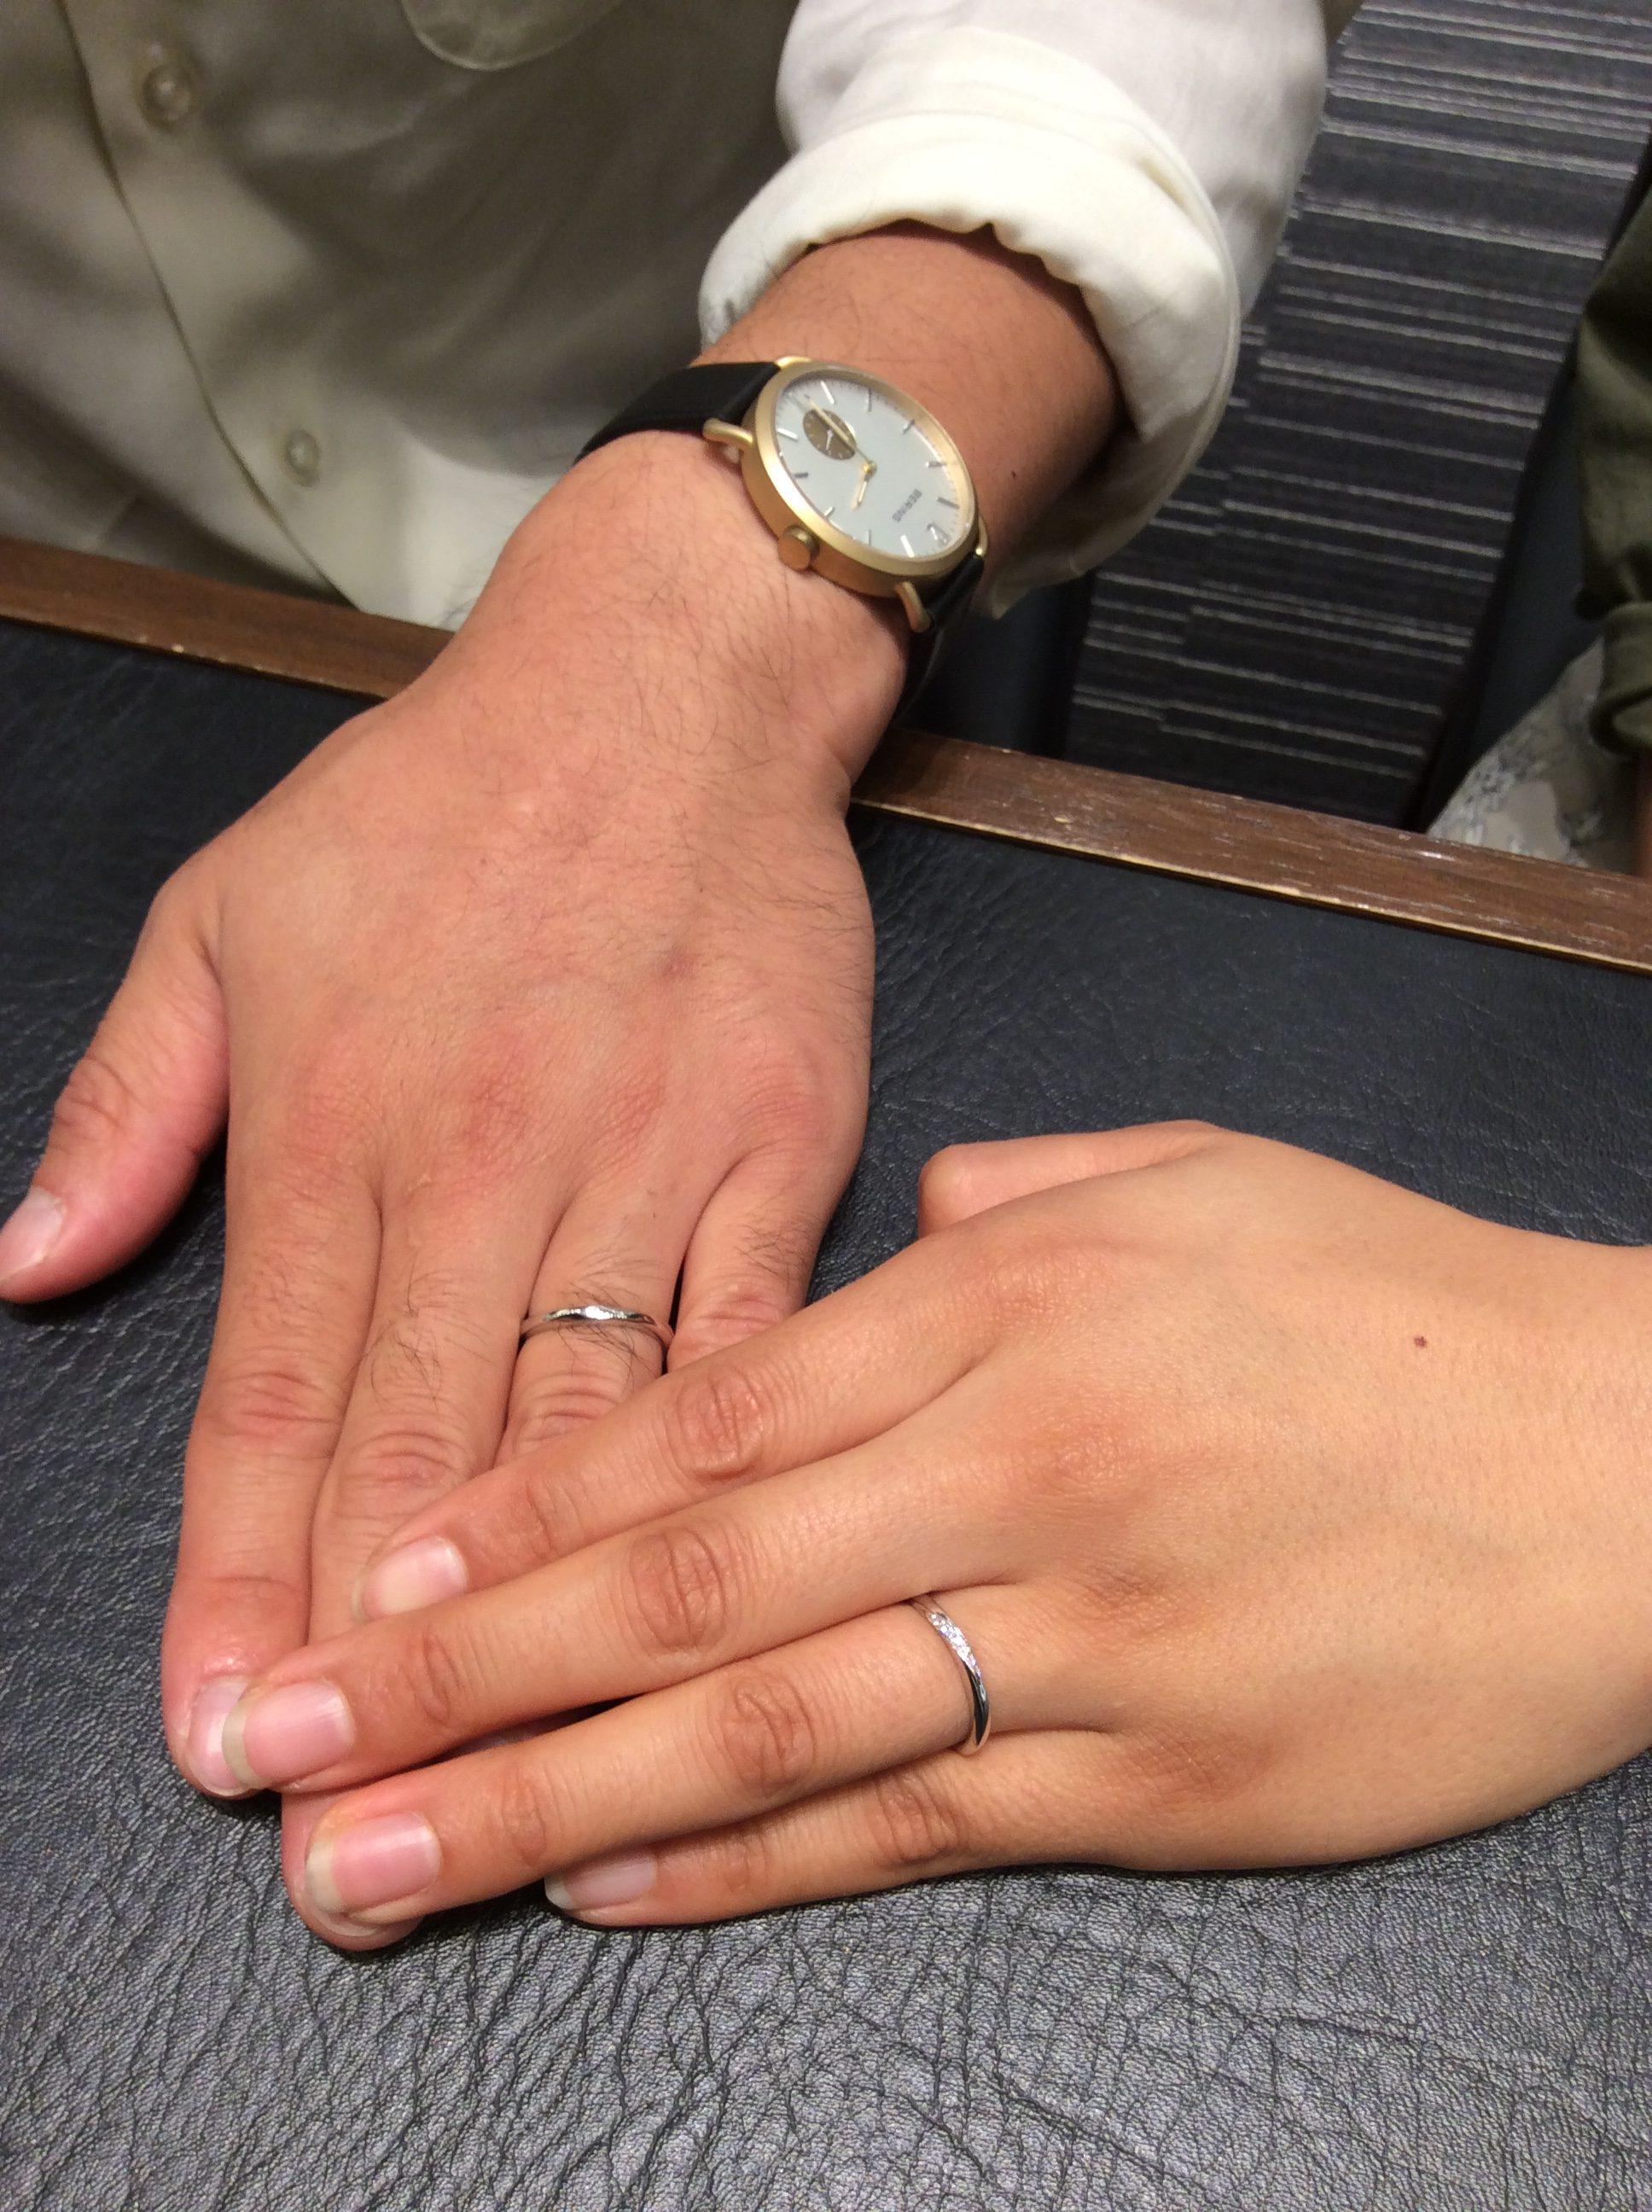 俄(にわか) NIWAKA 結婚指輪 朝葉